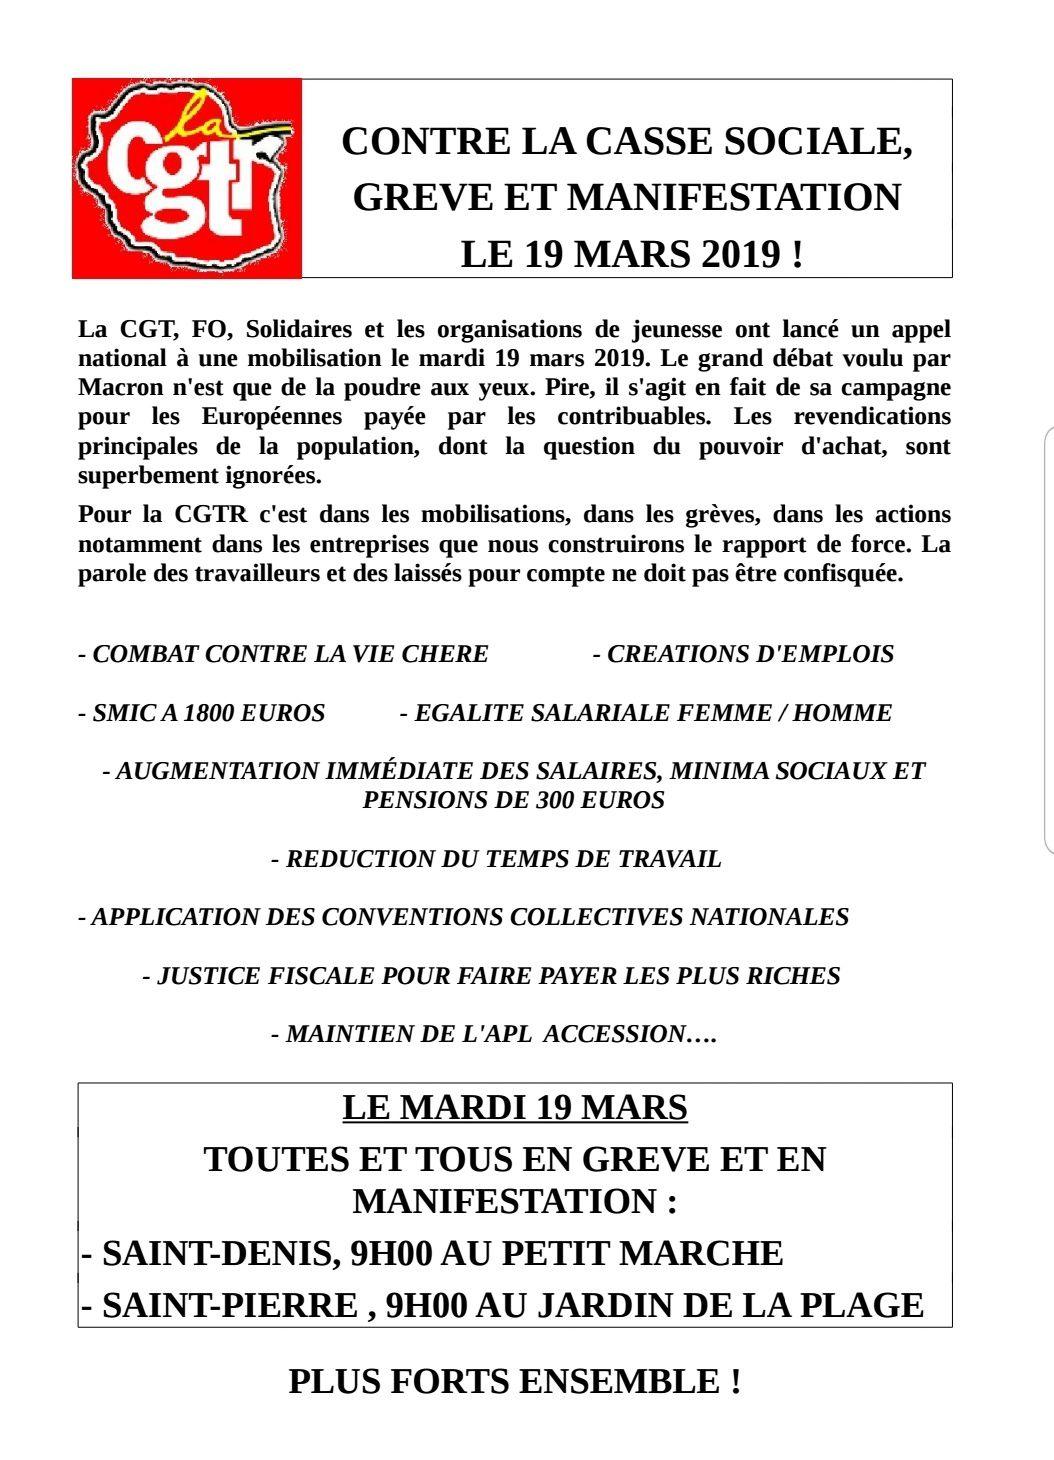 Mobilisation du 19 mars 2019